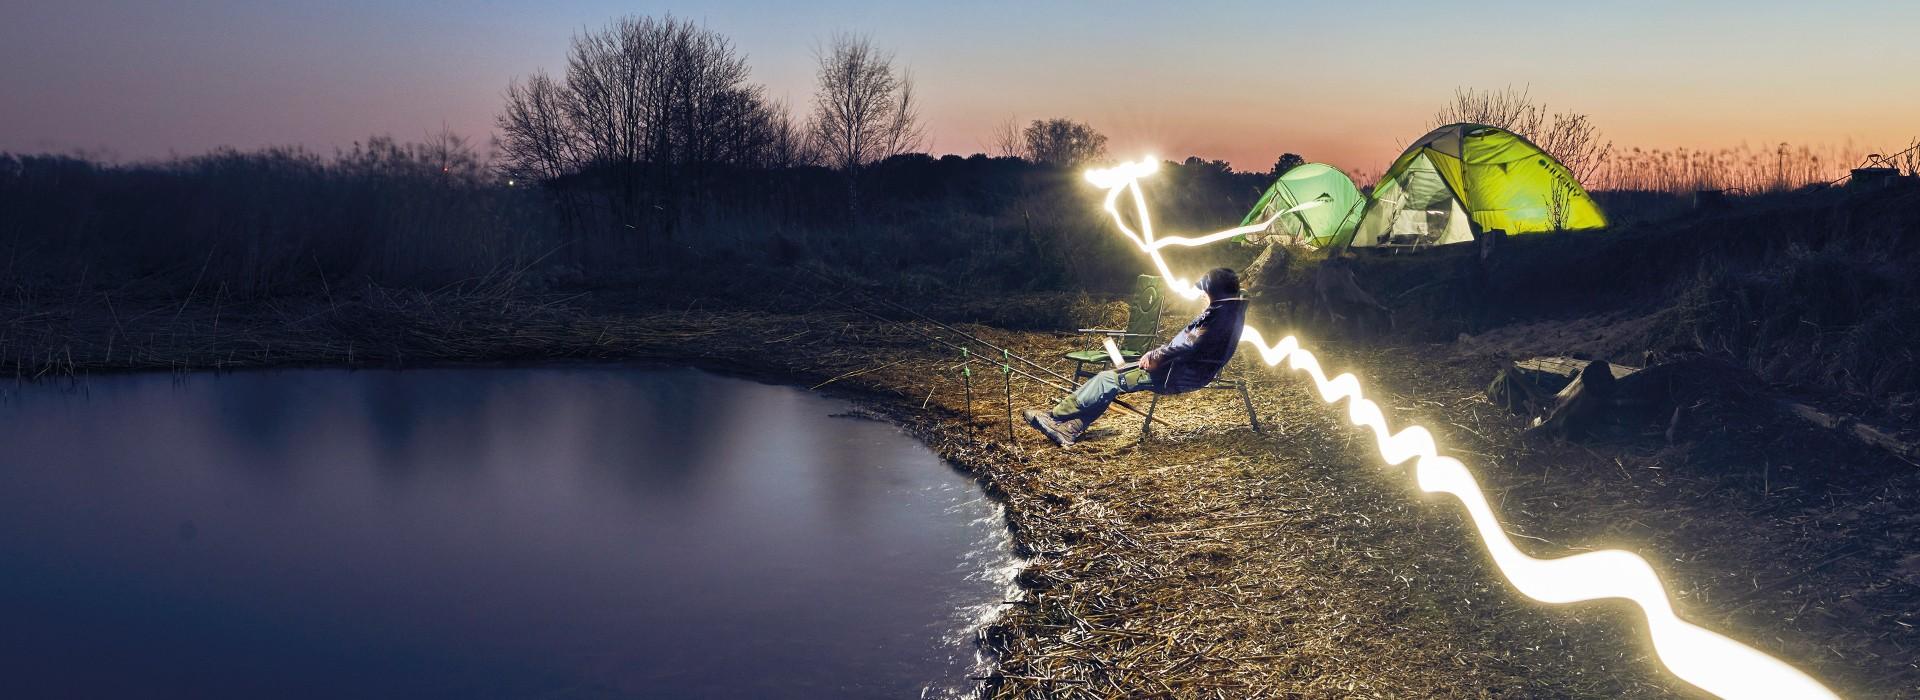 Deeper Power LanternCiemności na biwaku nie muszą być straszne